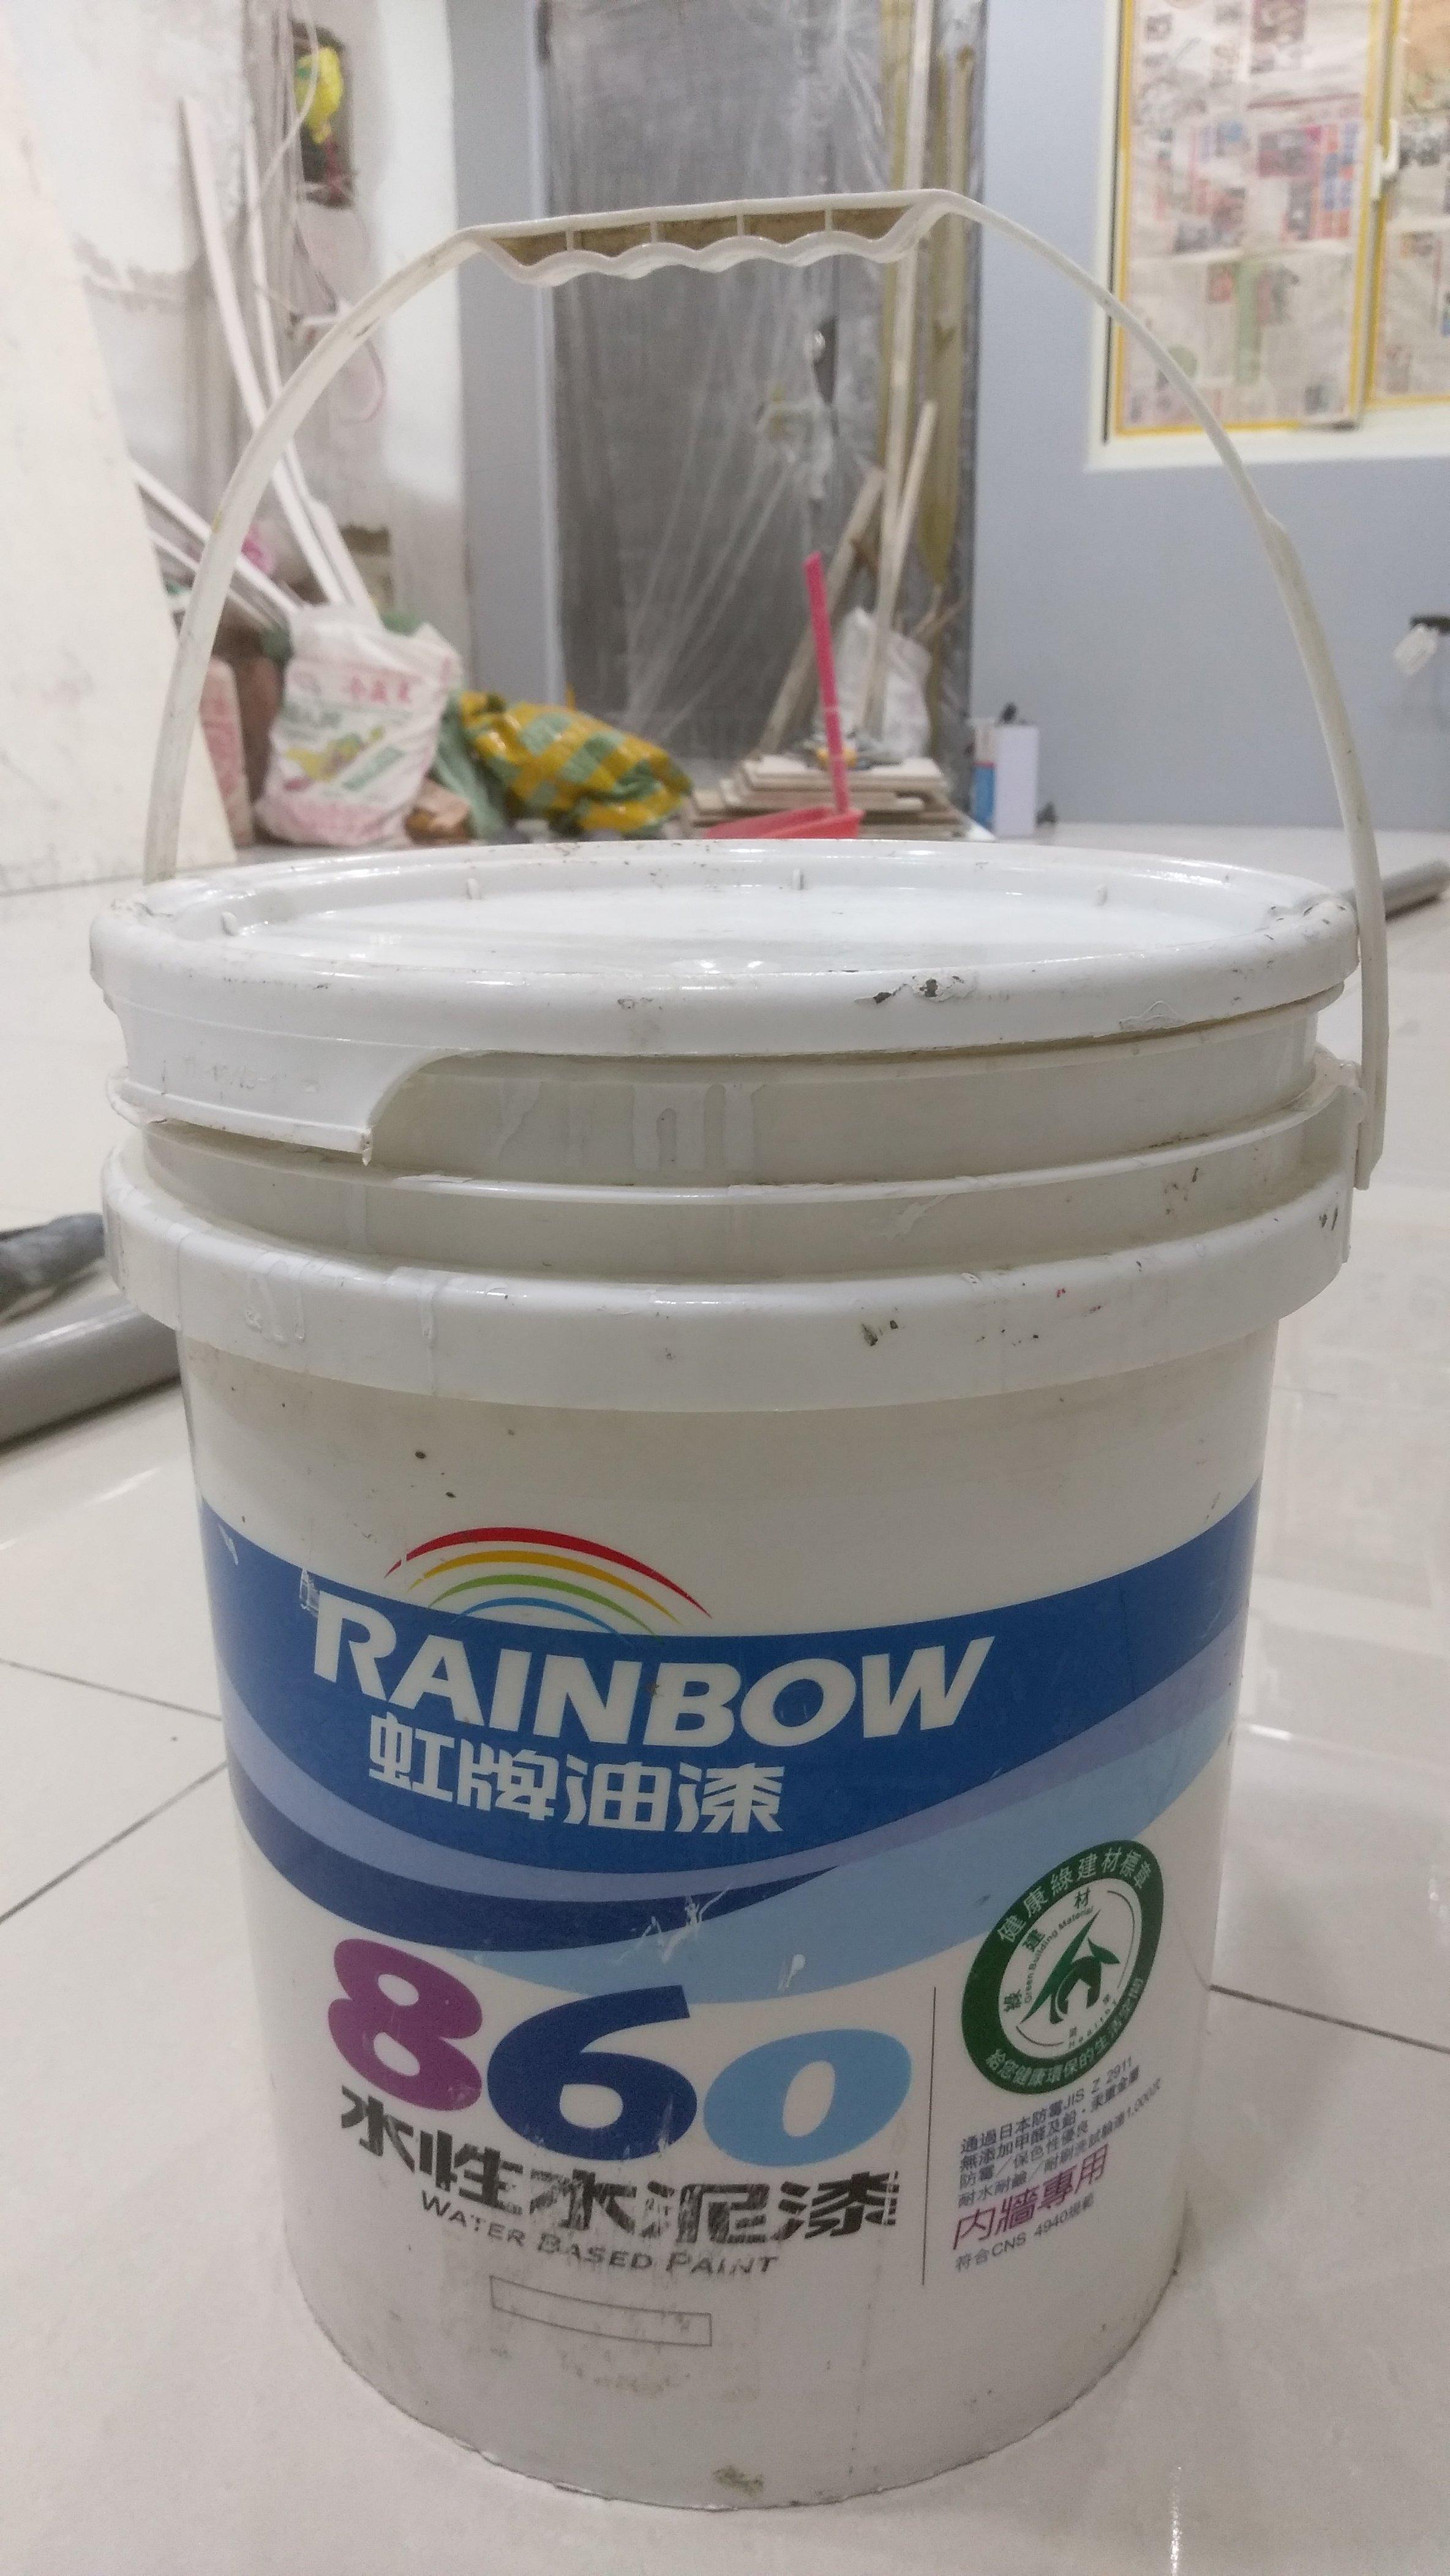 ◎【綠光艸堂】工程餘料*二手中古虹牌 油漆 860 平光水泥漆 平光室內用 白色7分滿*1桶 5加侖